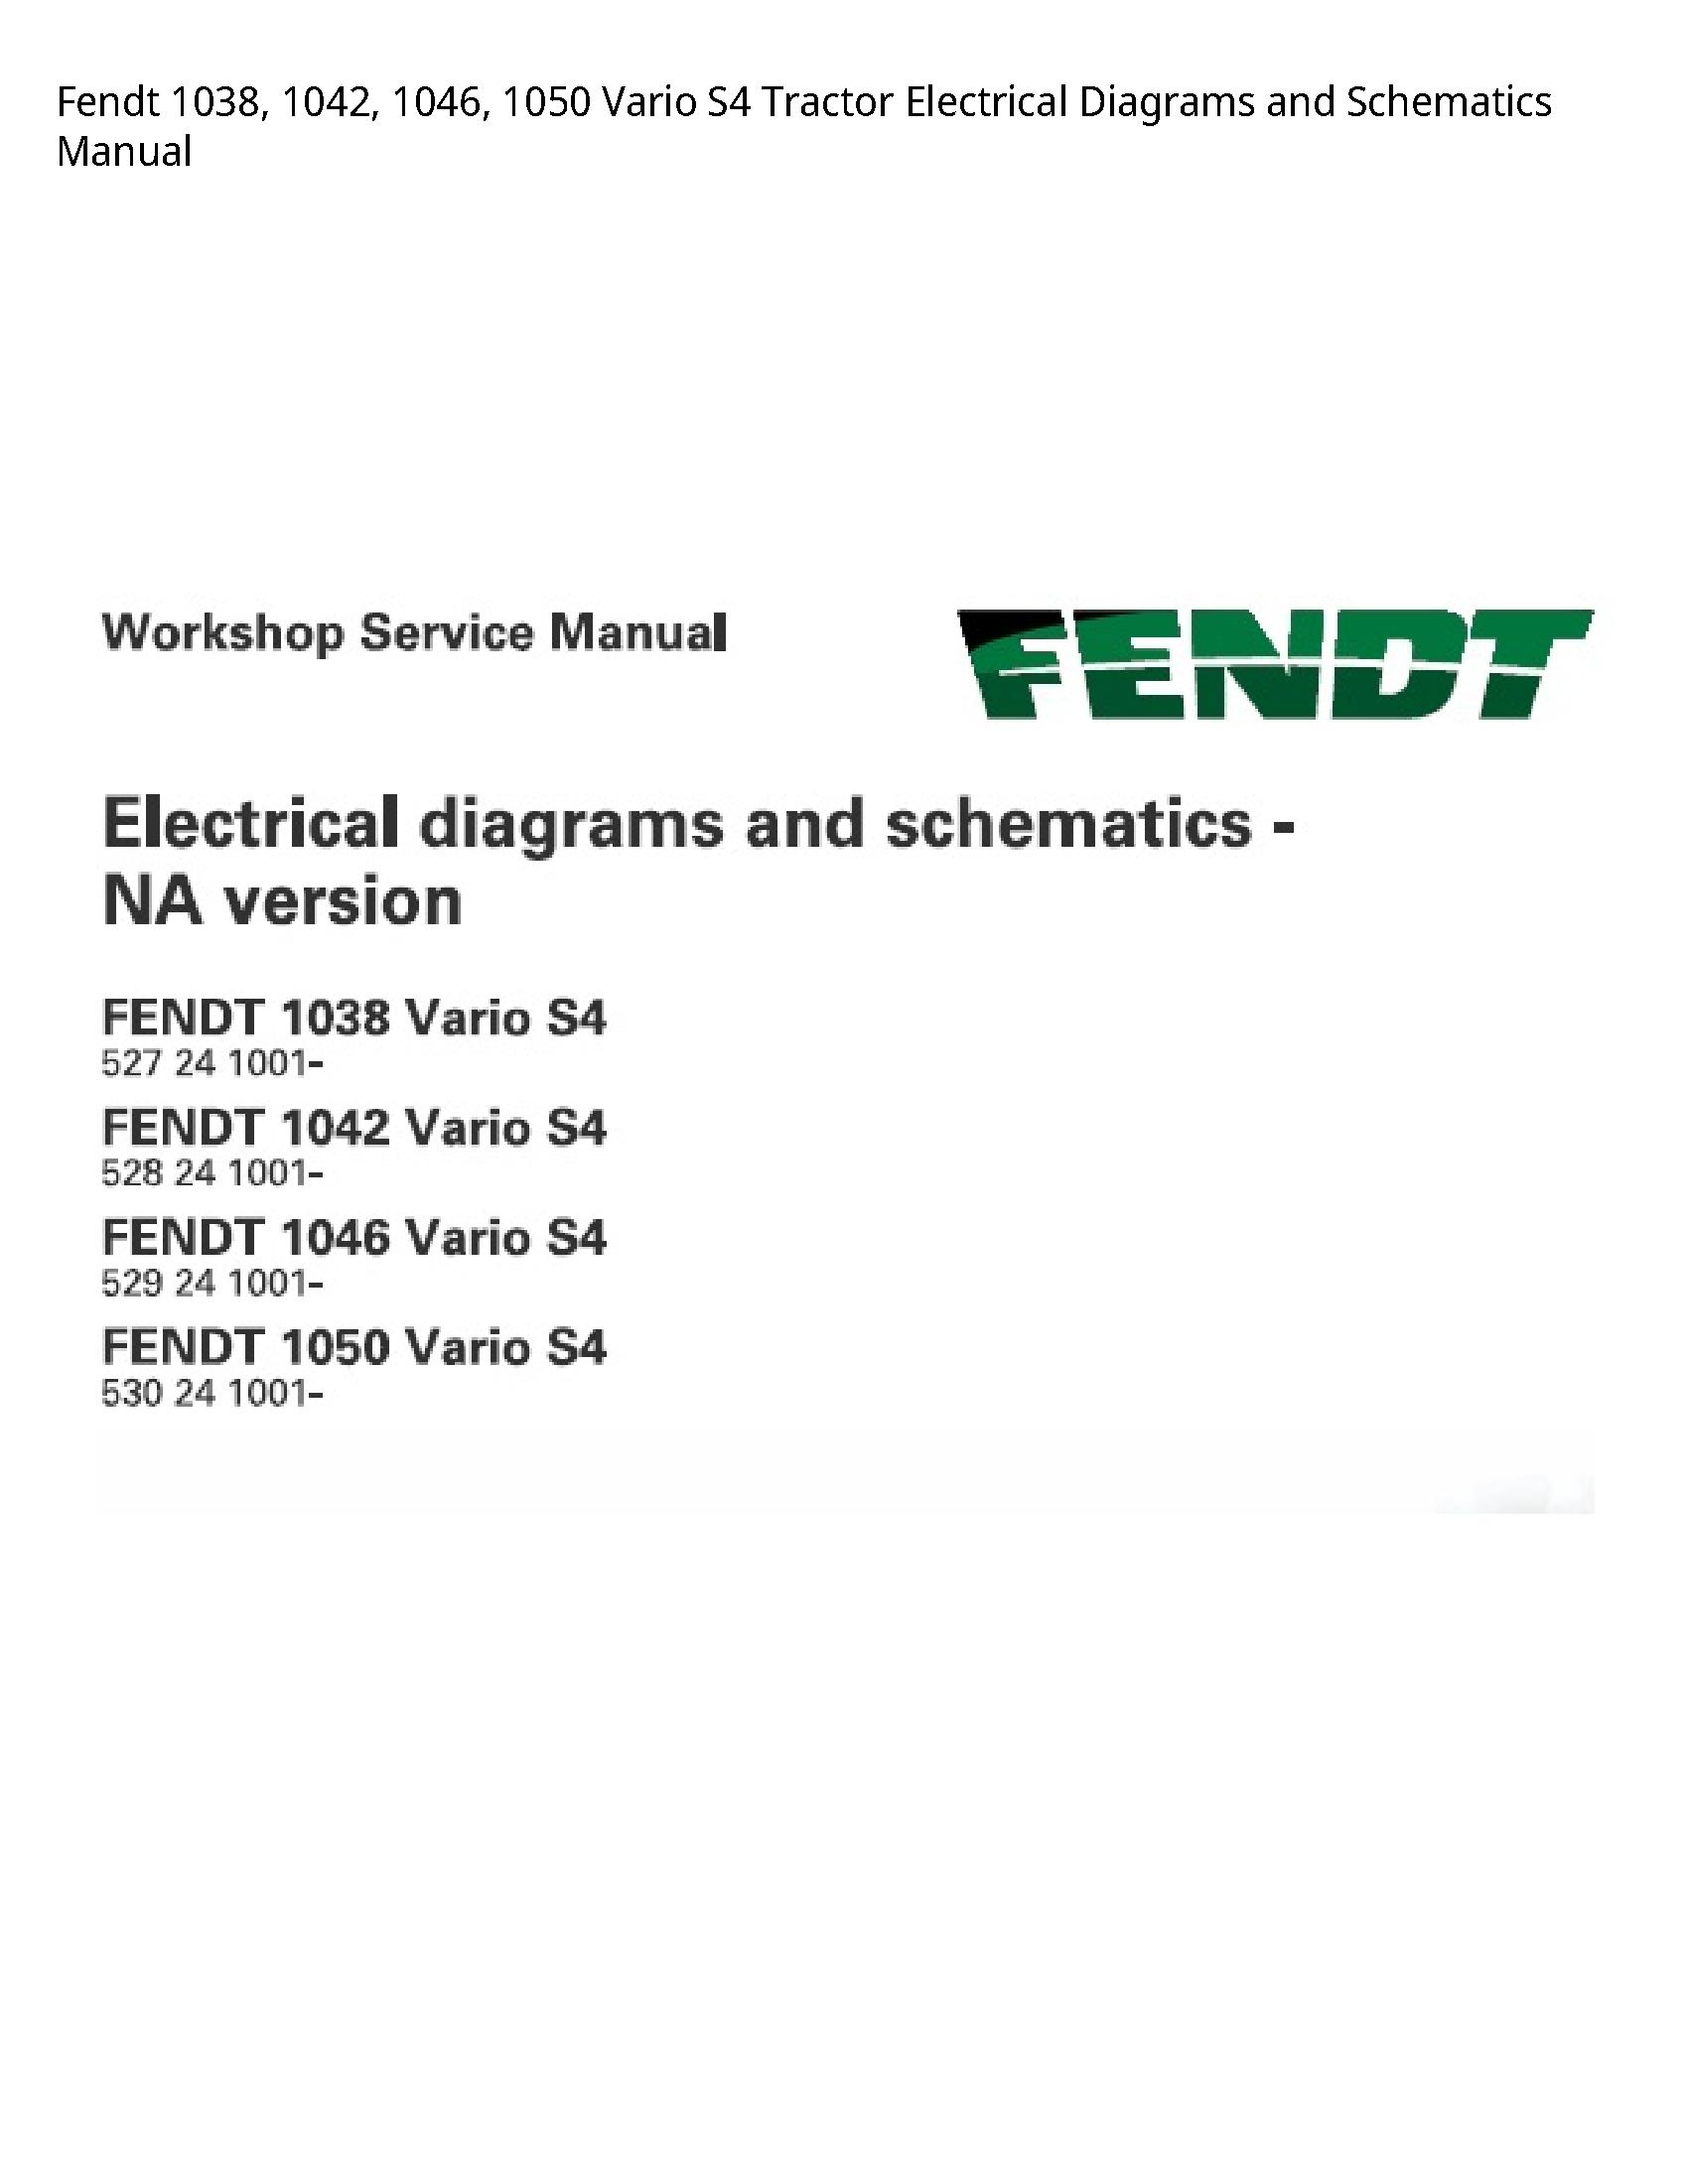 Fendt 1038 Vario Tractor Electrical Diagrams  Schematics manual